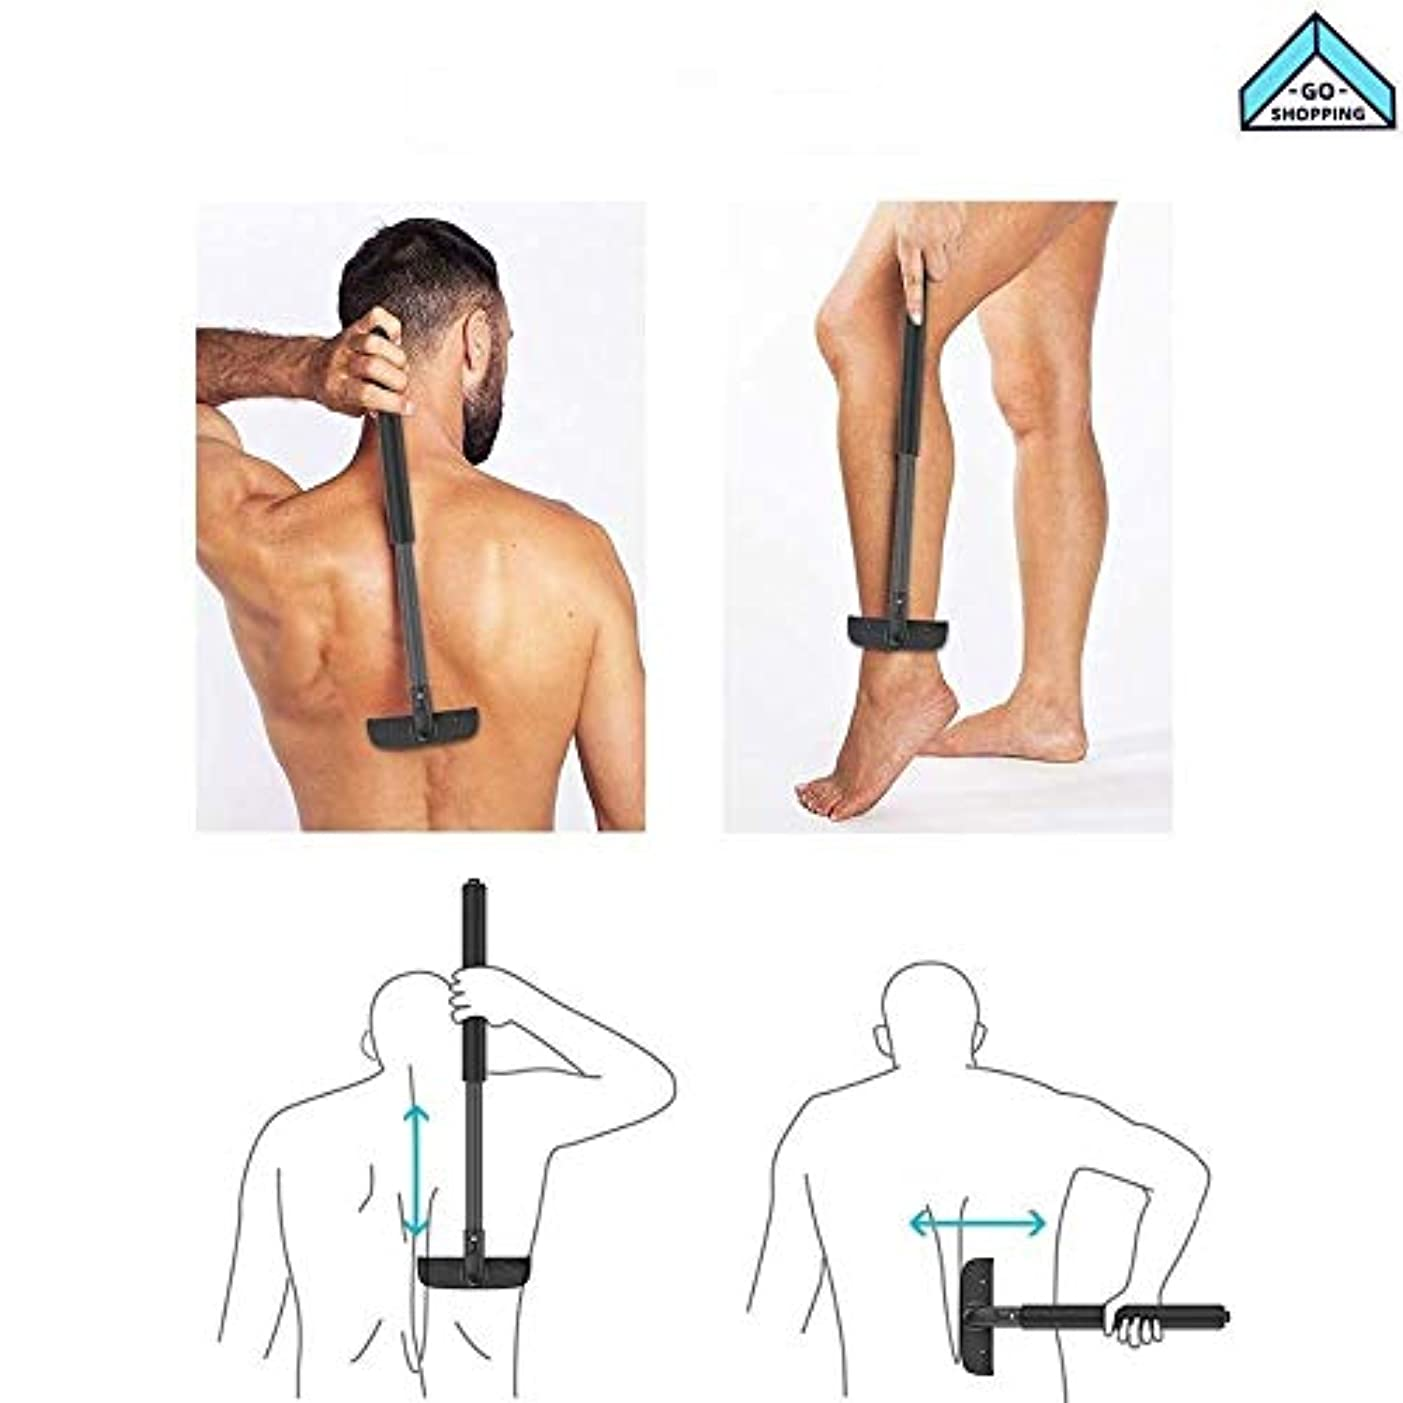 時計回り吸い込む聖人NICEE拡張可能なハンドルの痛みのないひげを剃った男性のための背中の脱毛使いやすい乾湿両方の背中の脱毛剤